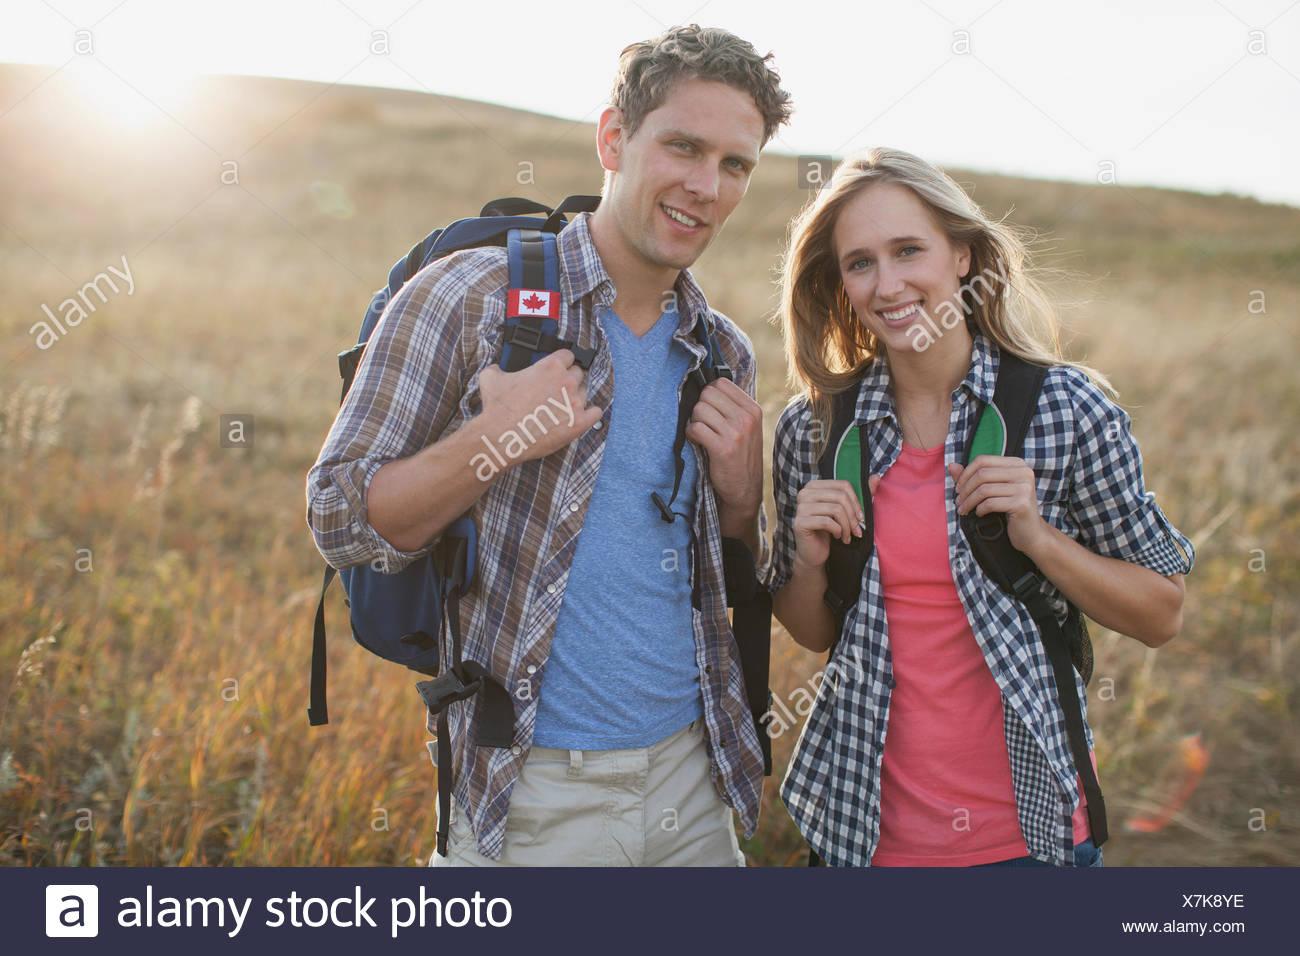 Pareja atractiva con mochilas en el campo. Imagen De Stock